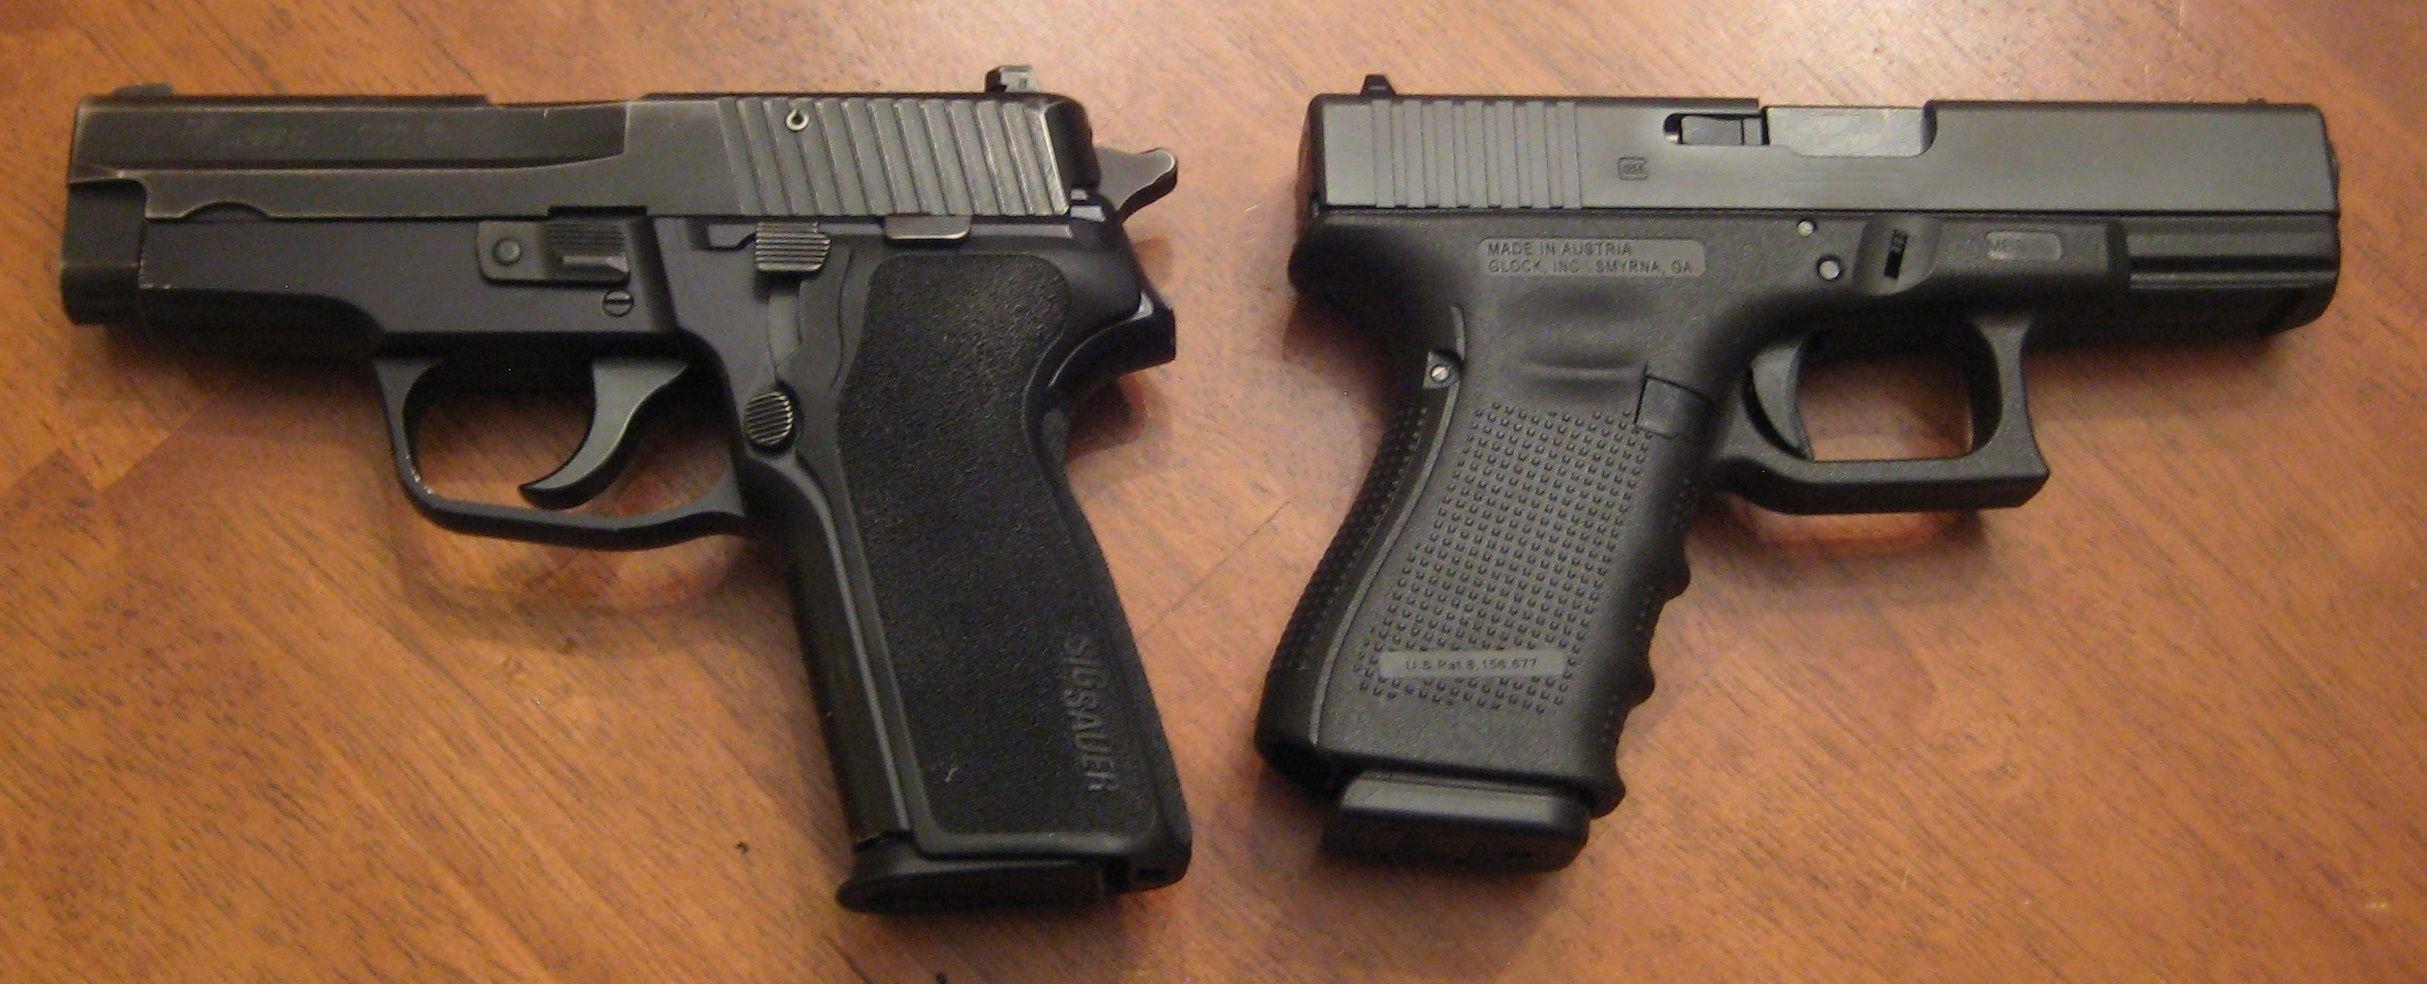 Sig Sauer P228 E2 9mm 15rd vs Glock 19 Gen 4 9mm 15rd - Two best midsized  handguns.